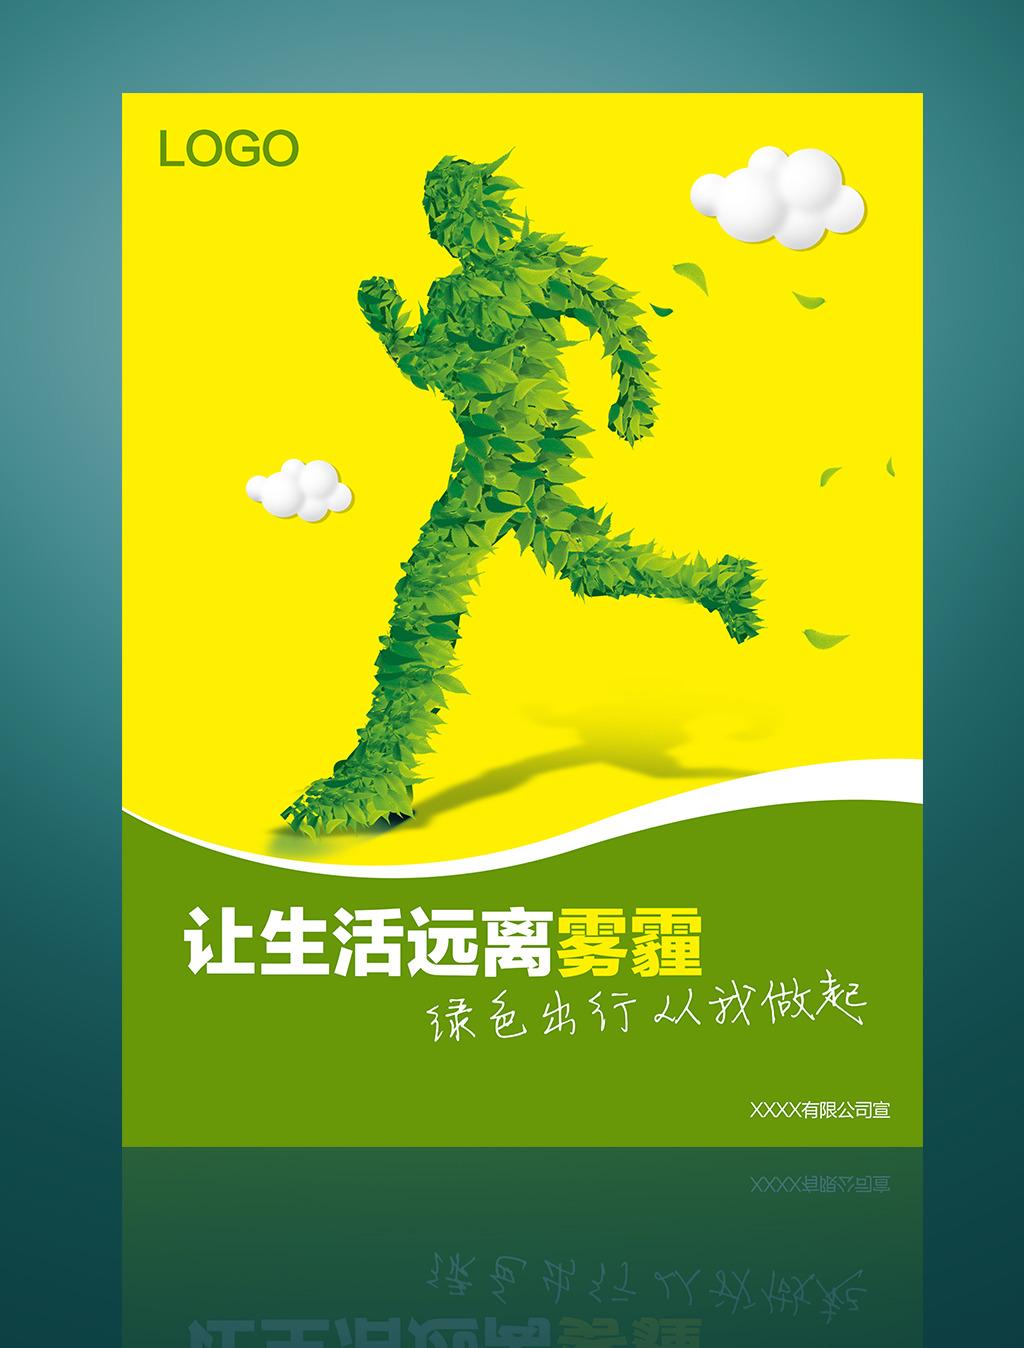 远离雾霾绿色环保宣传海报